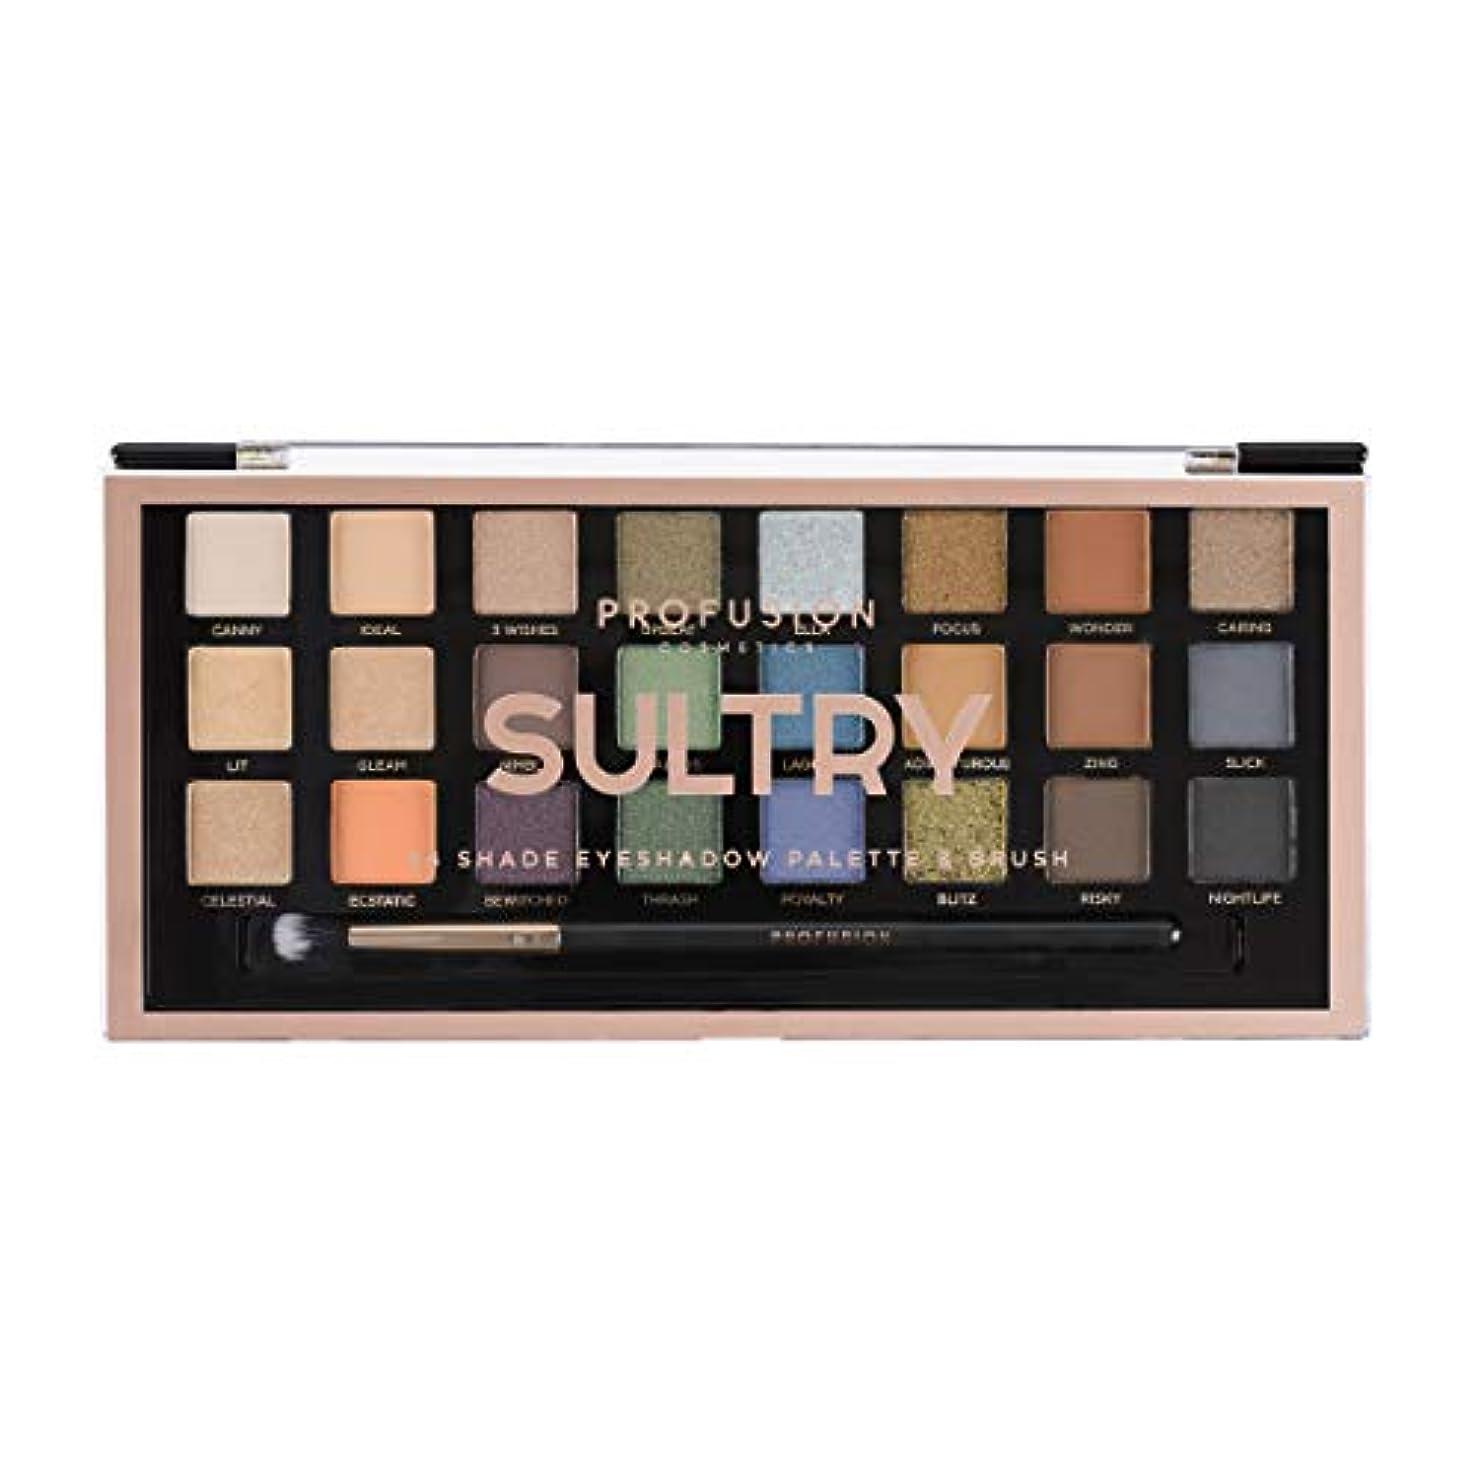 ガード堀バイソンPROFUSION Sultry 24 Shade Eyeshadow Palette & Brush (並行輸入品)